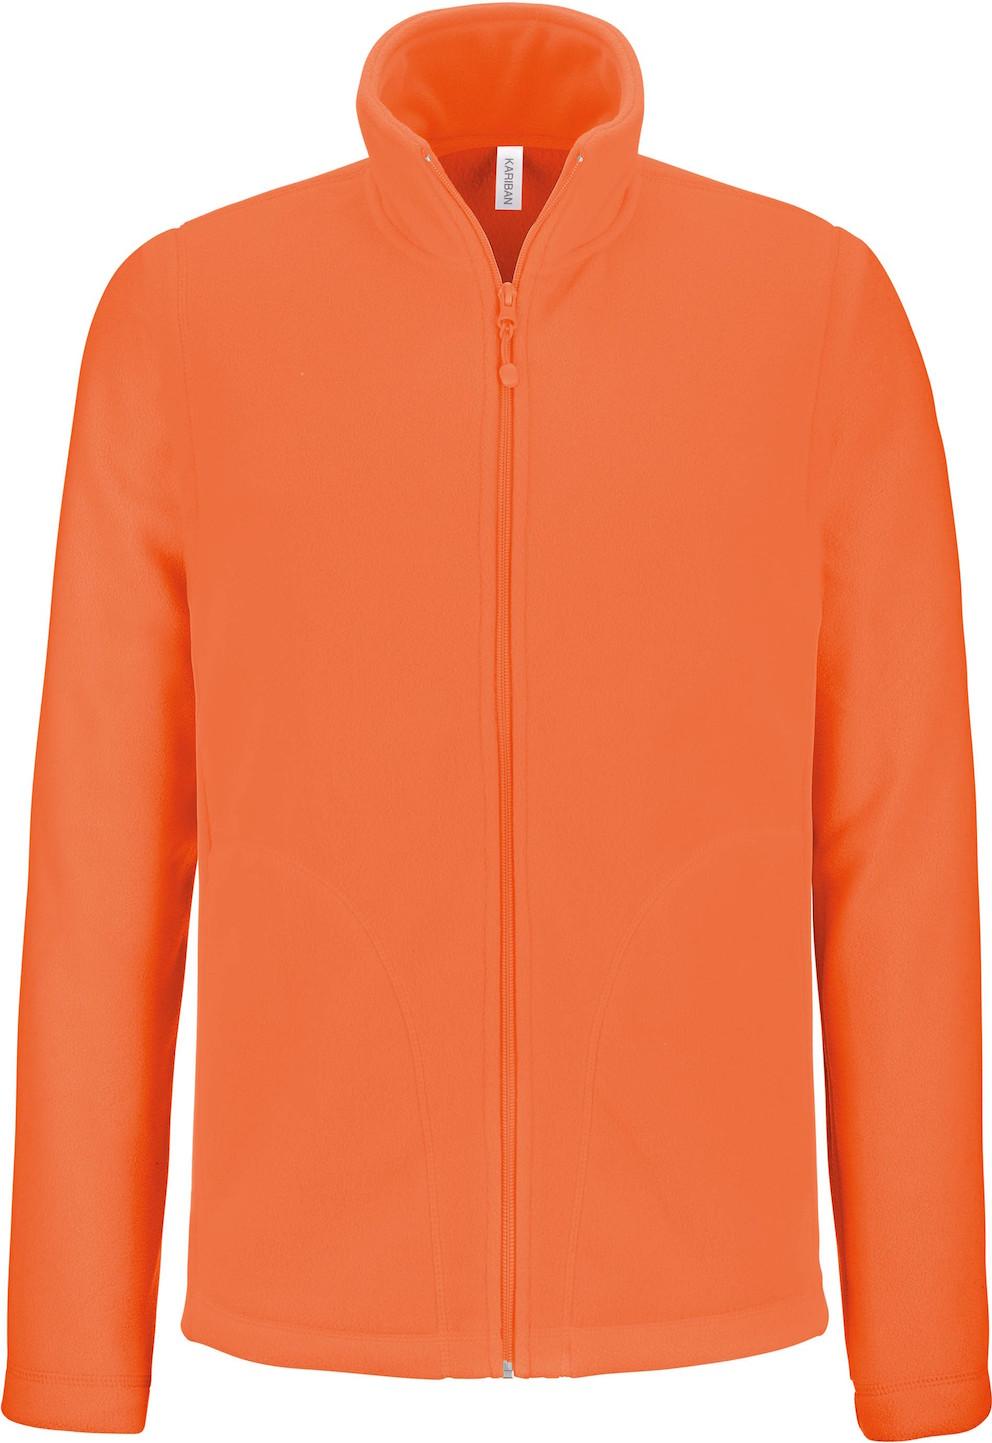 Microfleecetakki K911 Huomio-oranssi